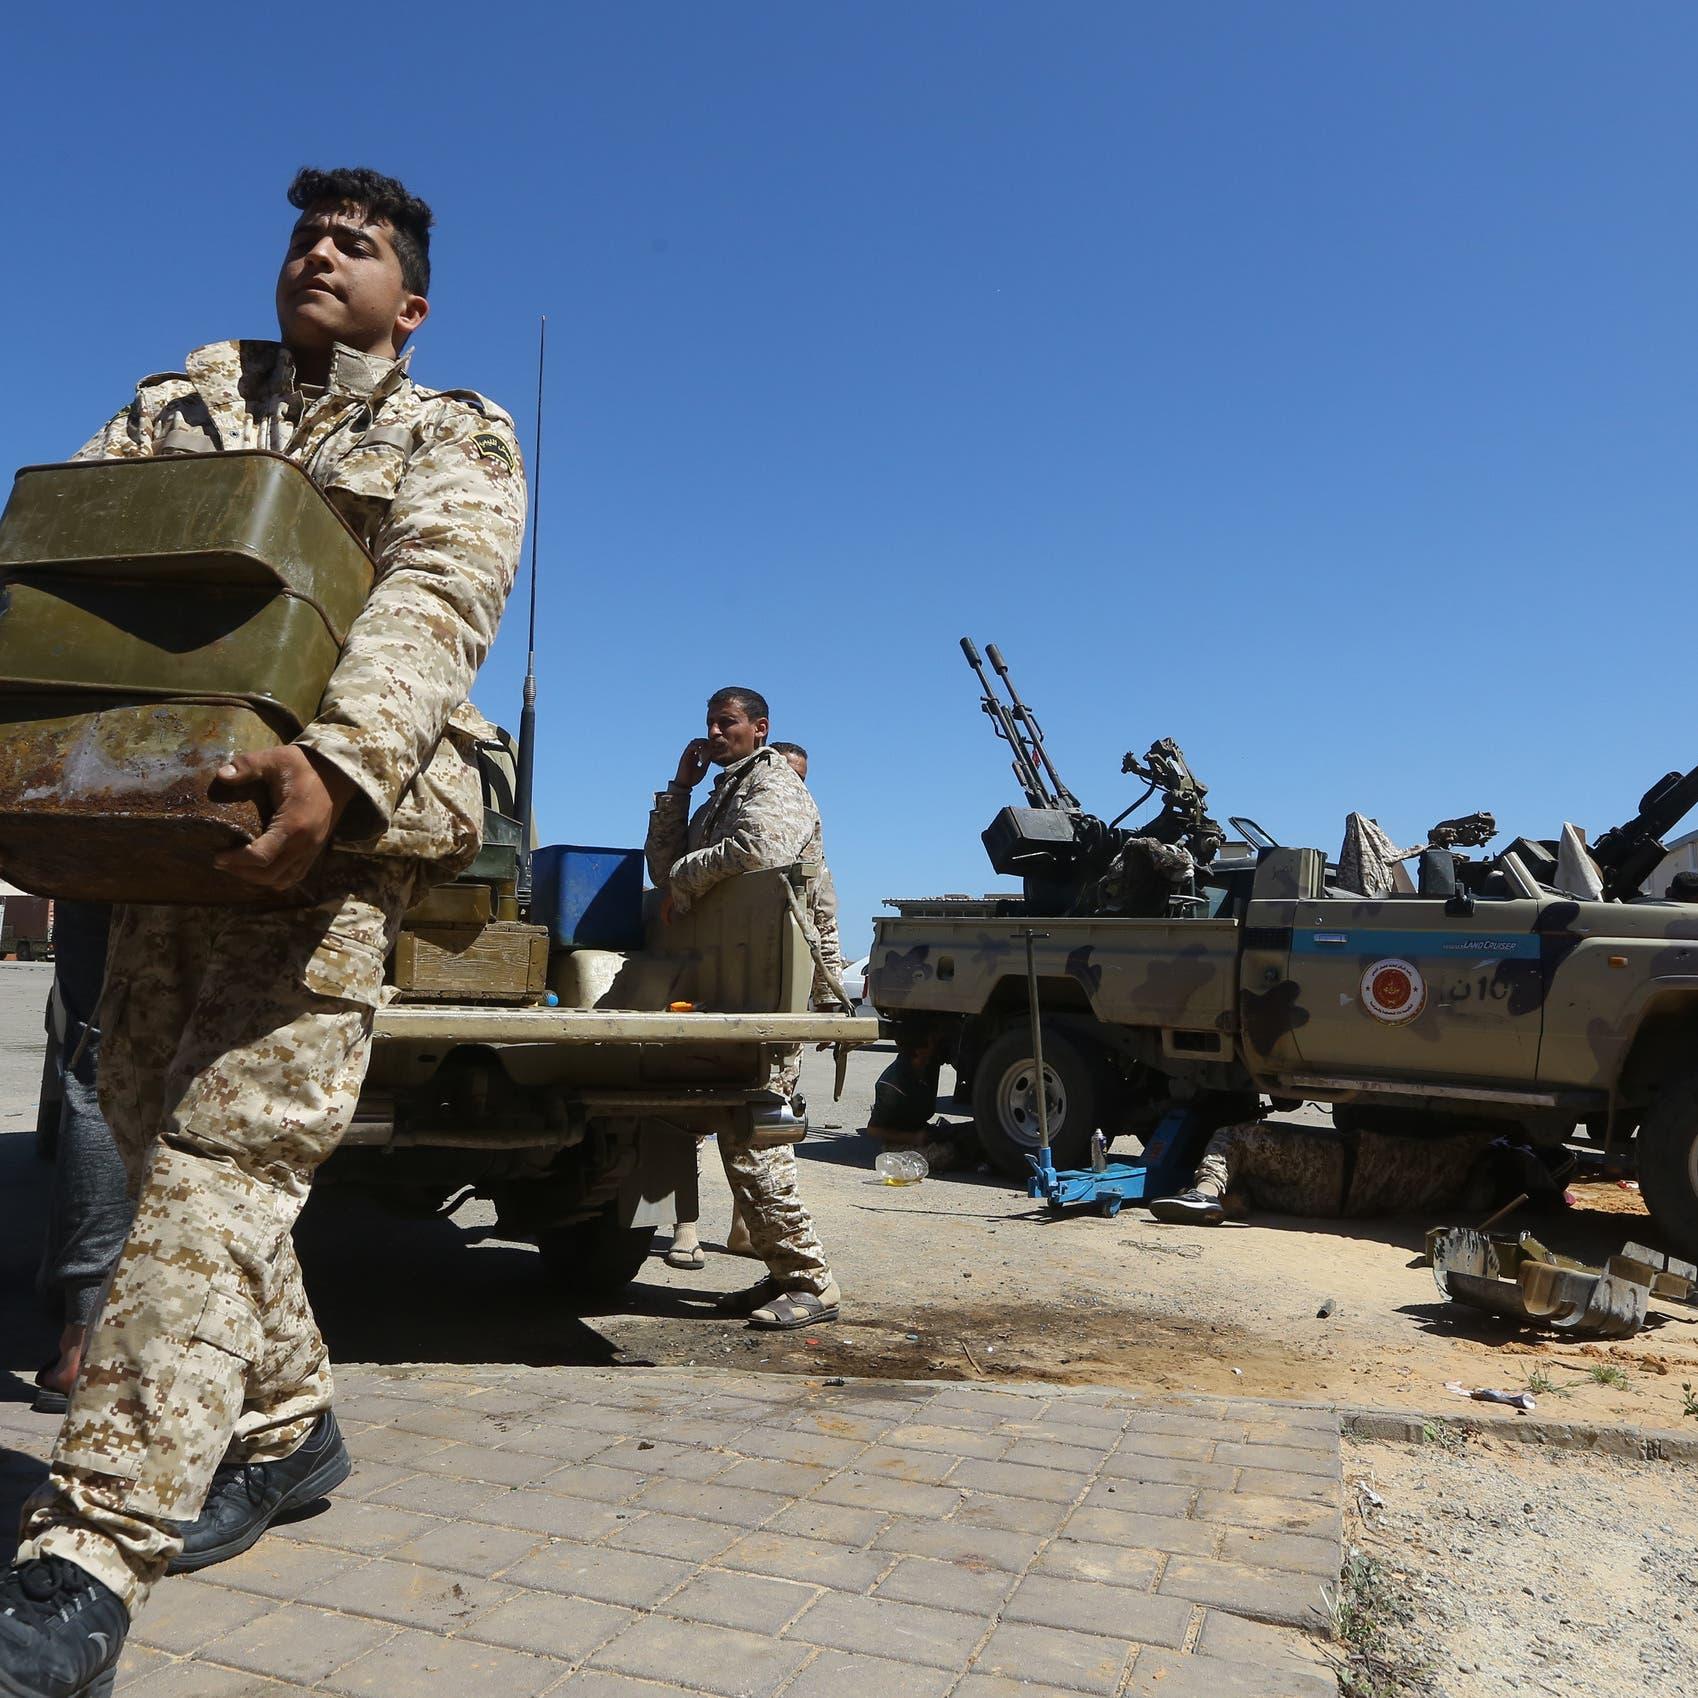 مصراتة تستنفر ميليشياتها وترسلها للقتال ضد الجيش بطرابلس